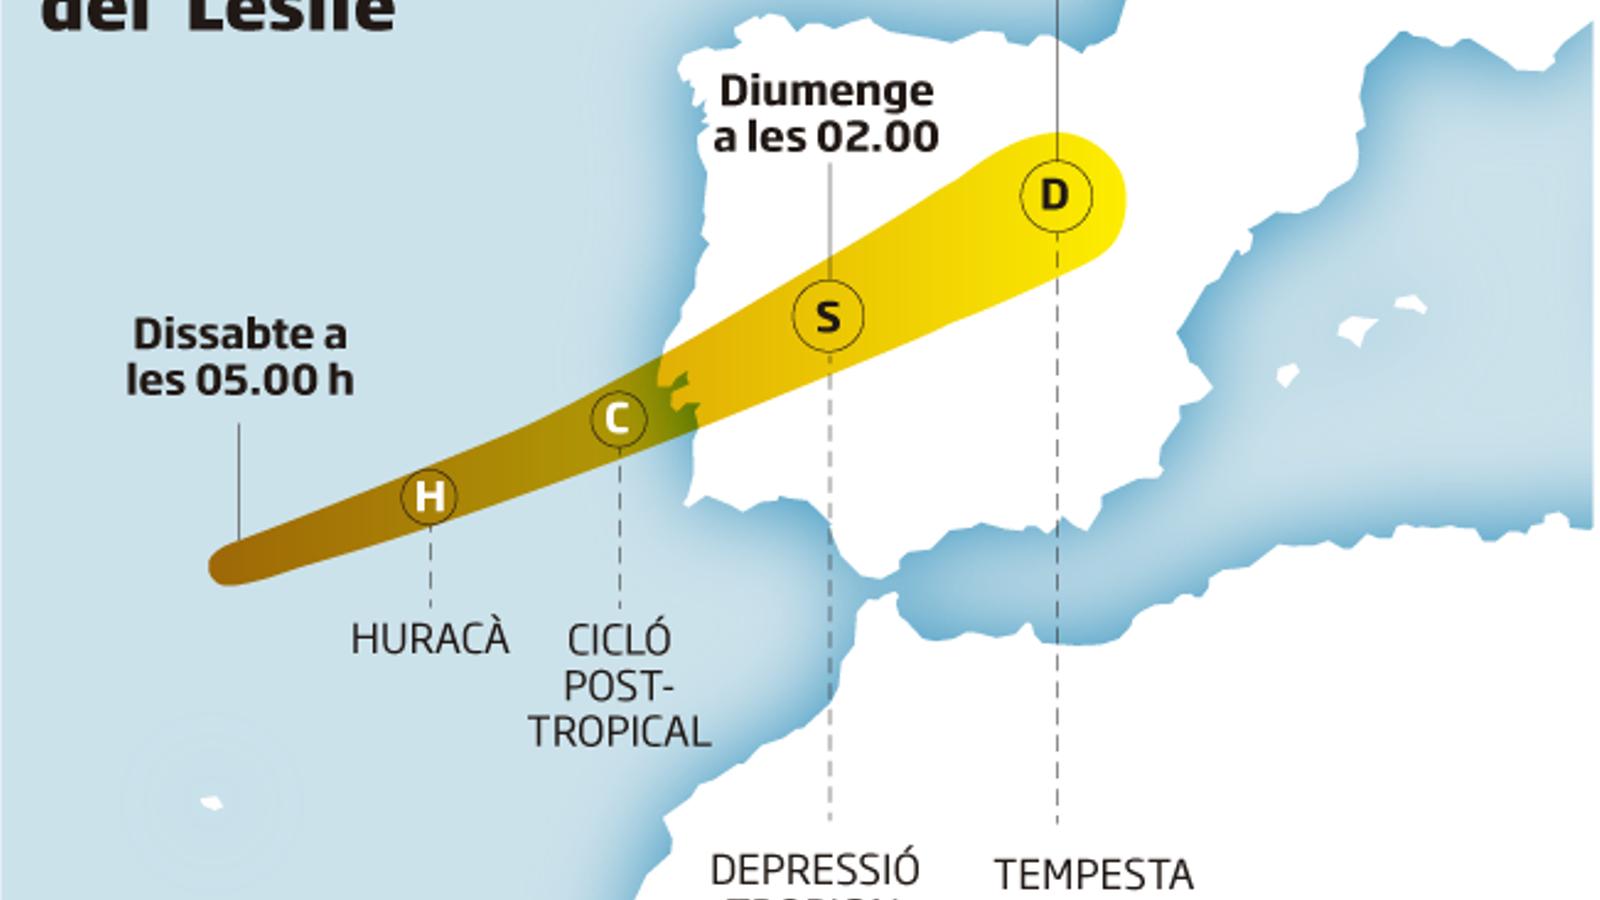 L'huracà 'Leslie' afectarà la península Ibèrica aquest cap de setmana